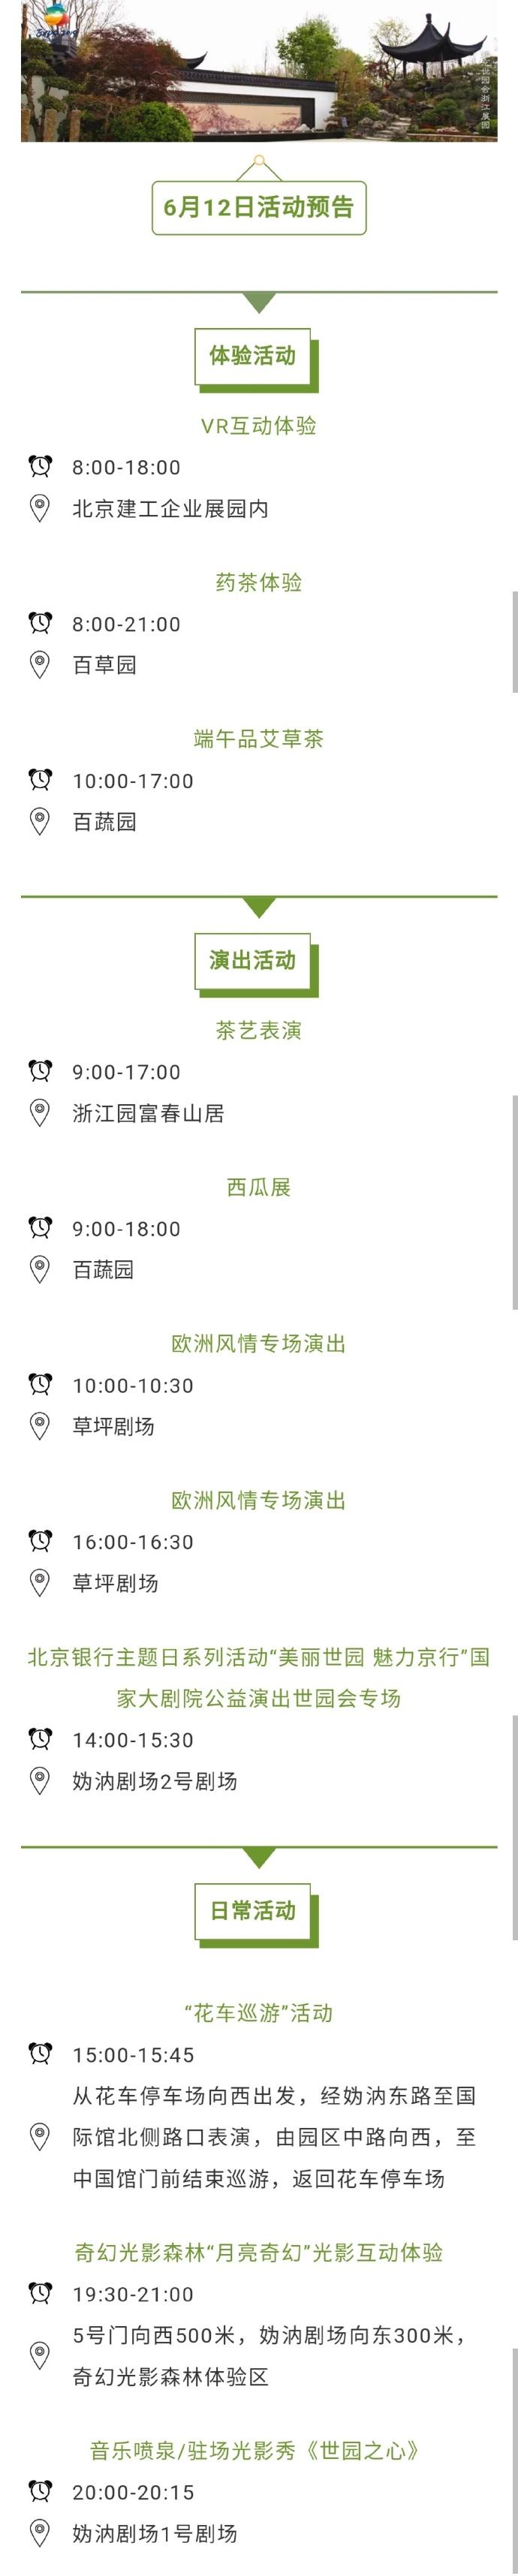 2019年6月12日北京世园会园区内活动预告